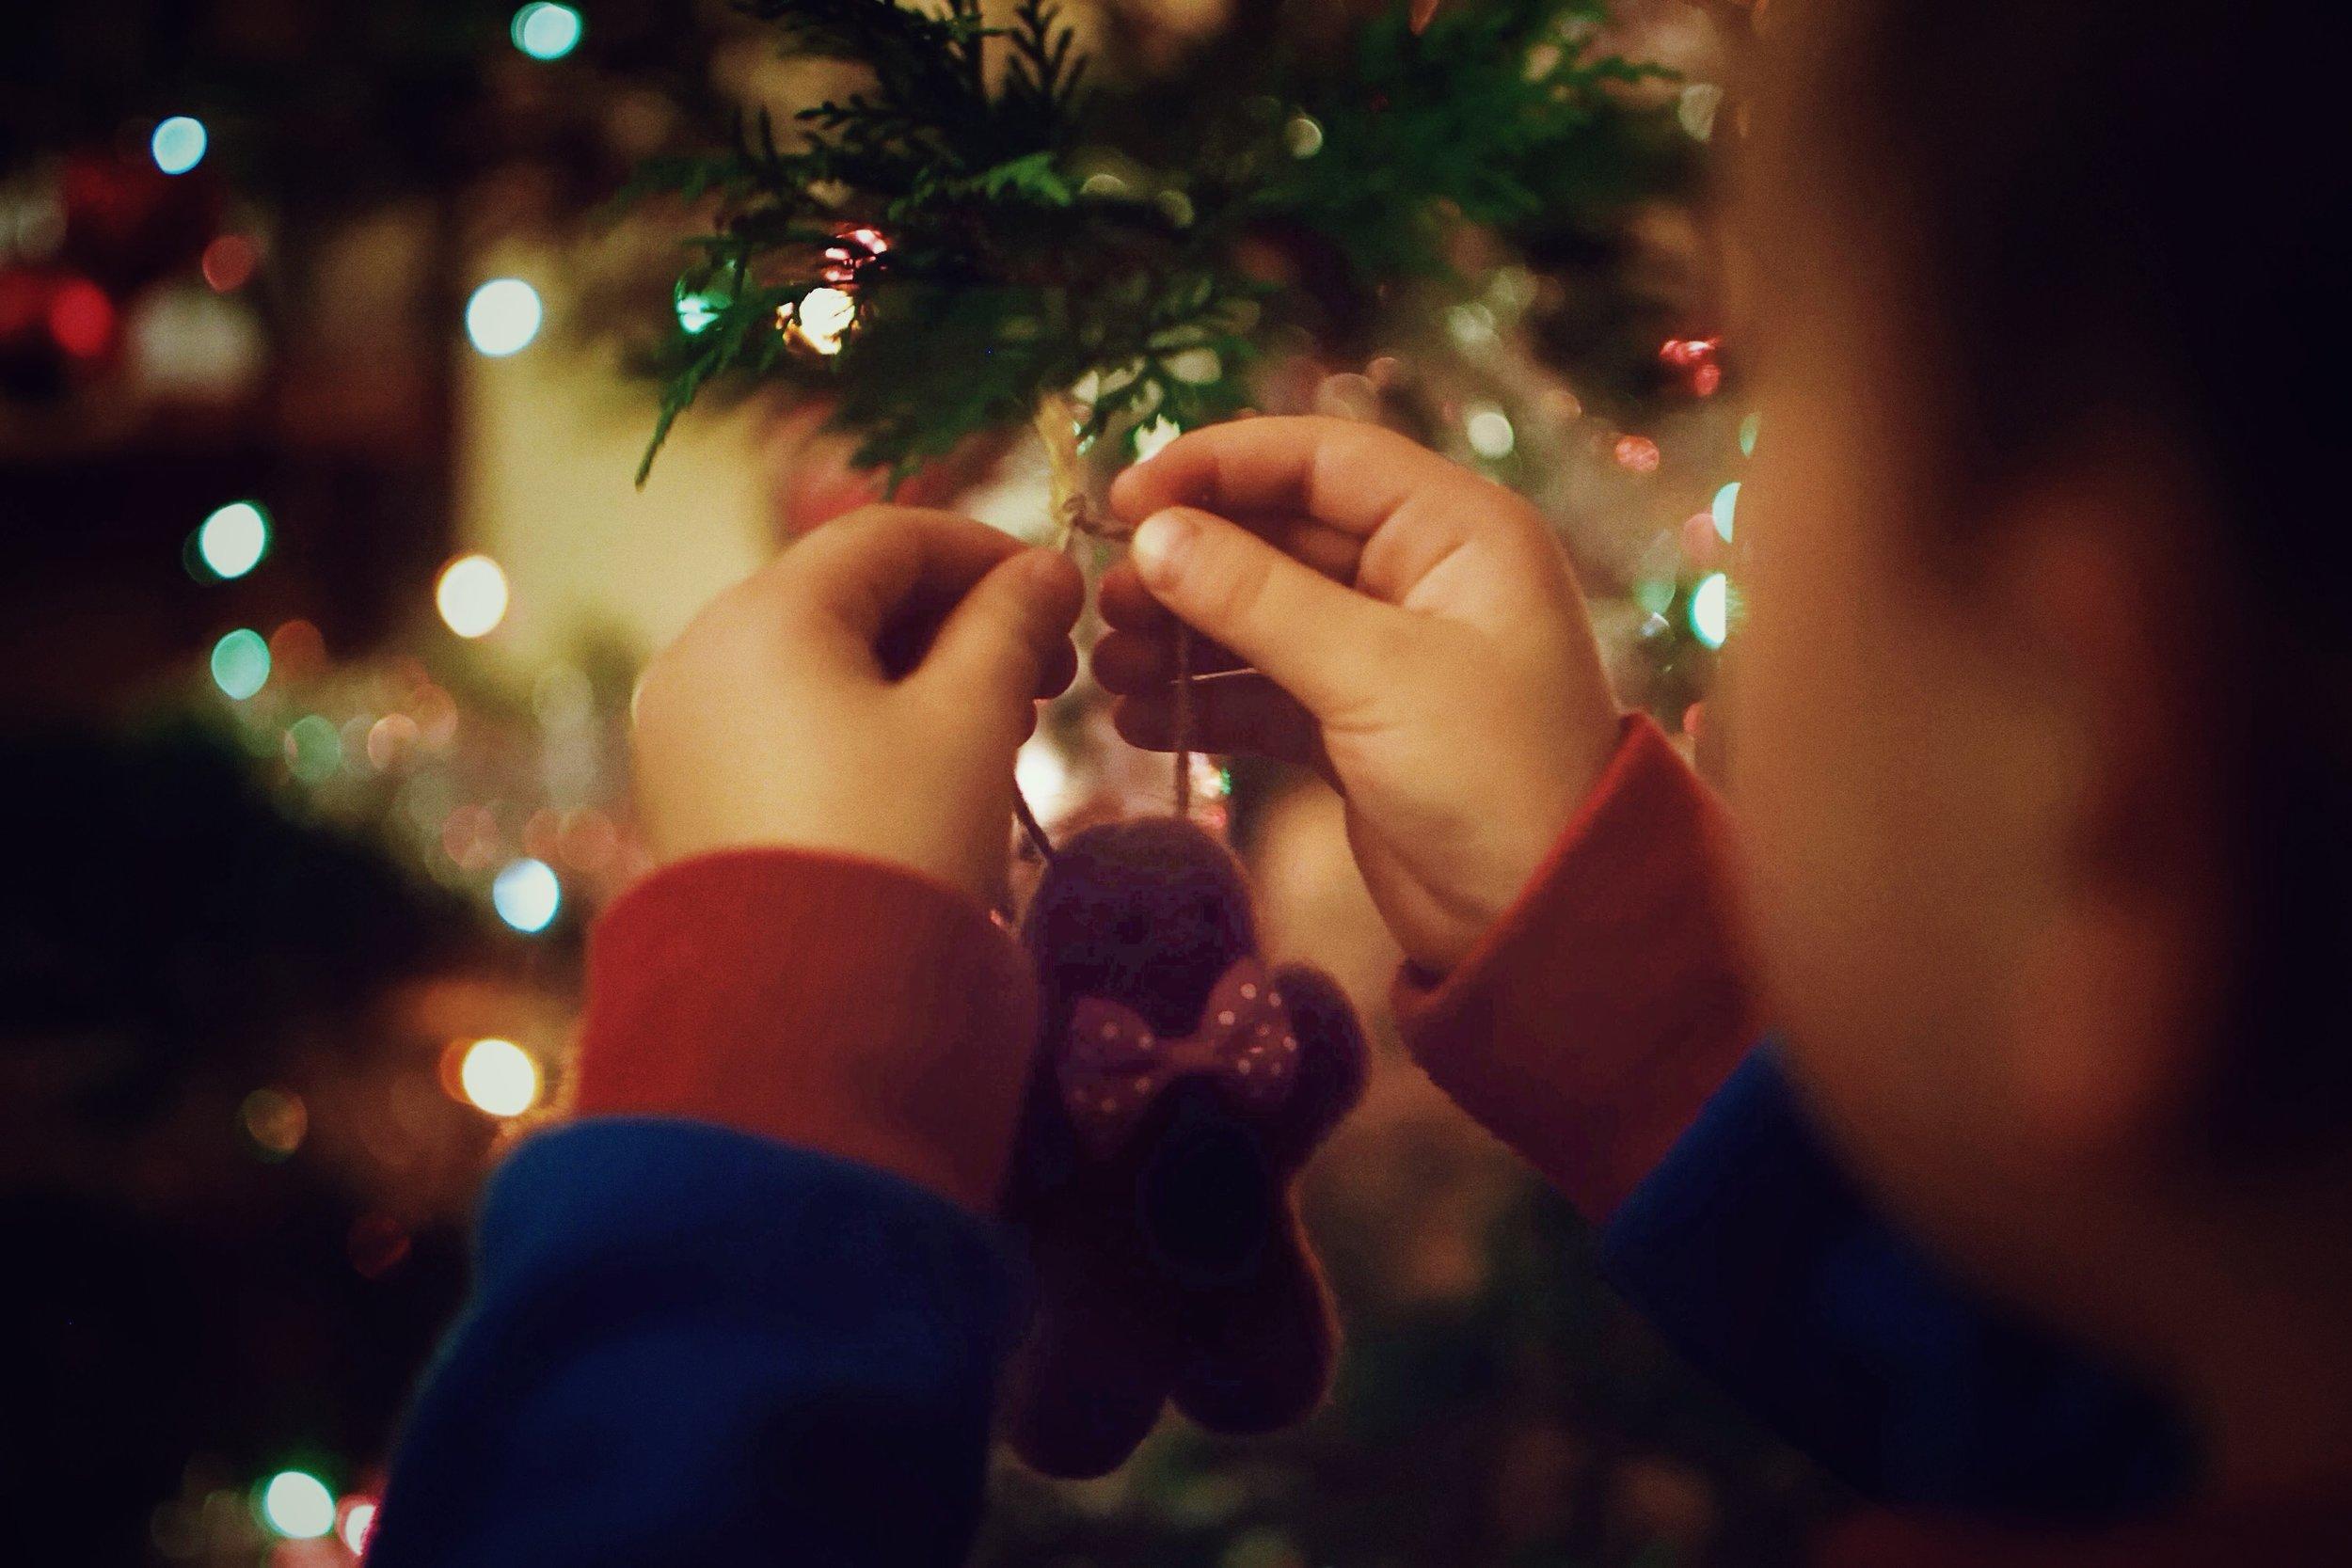 Christmas tree decoration - Cambridge Storytelling Photography